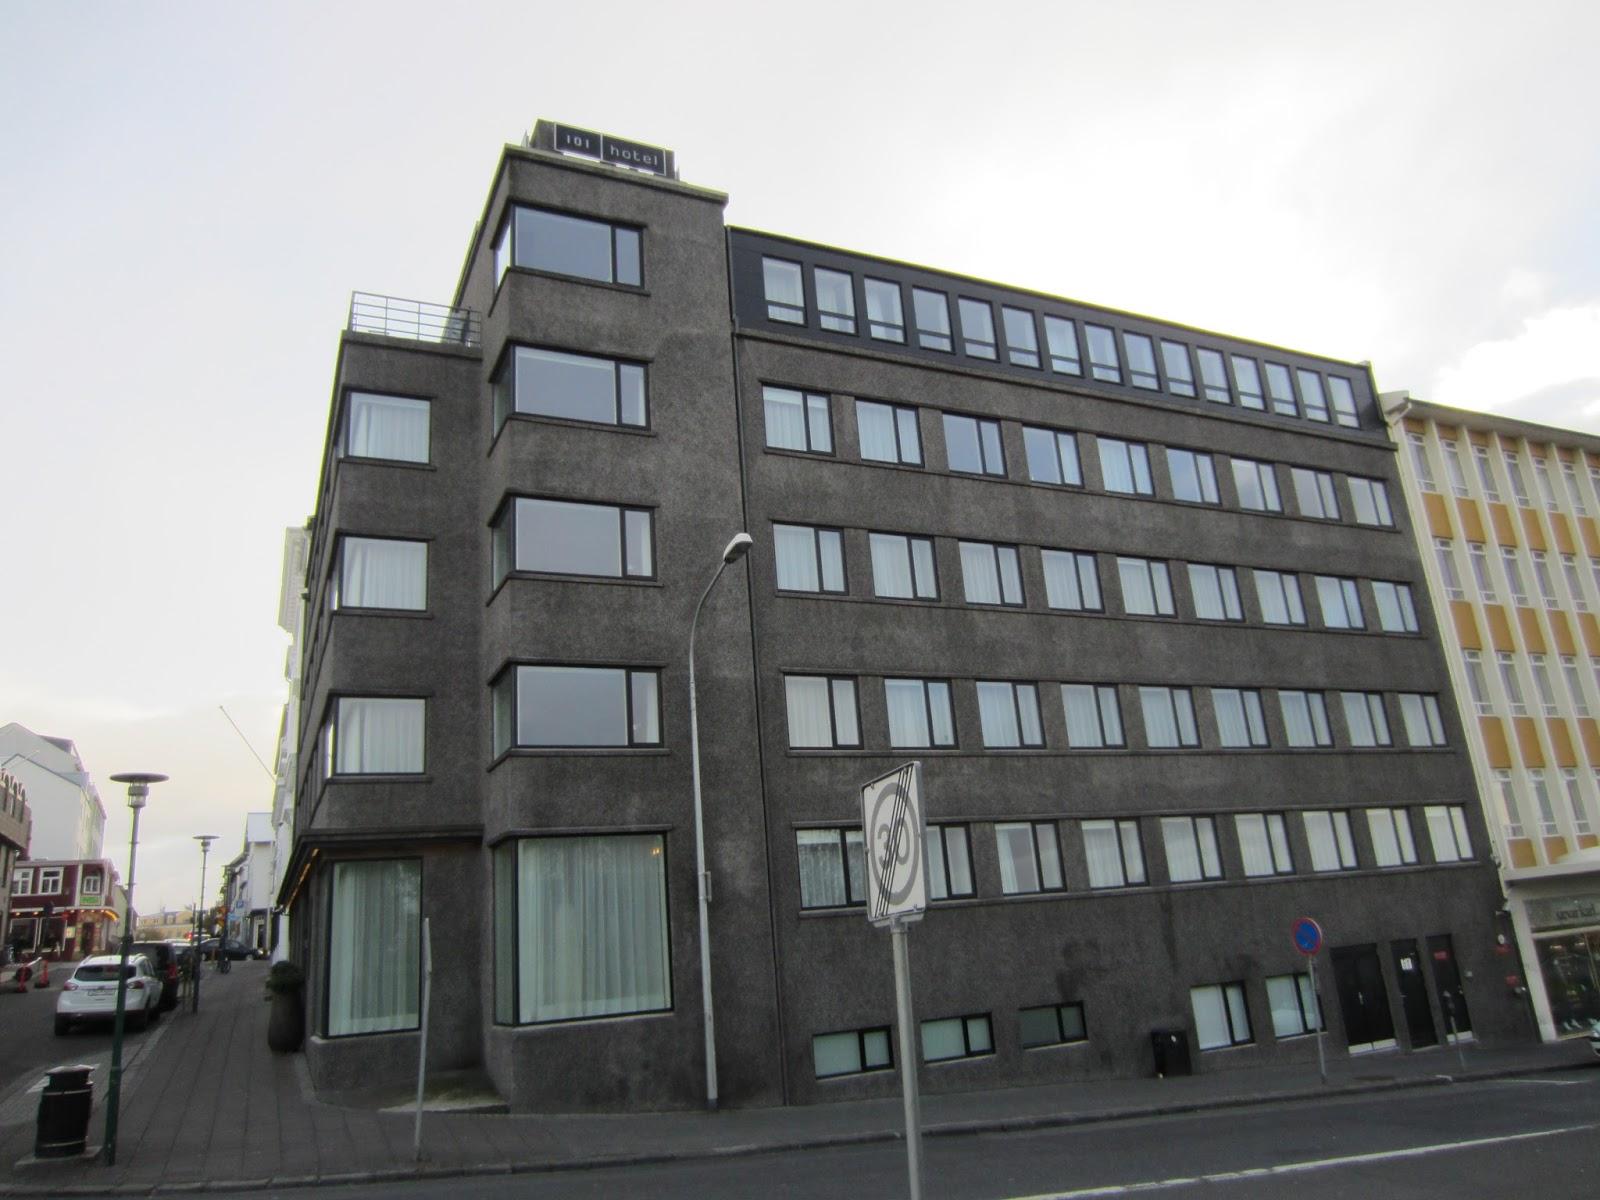 101 hotel reykjavik